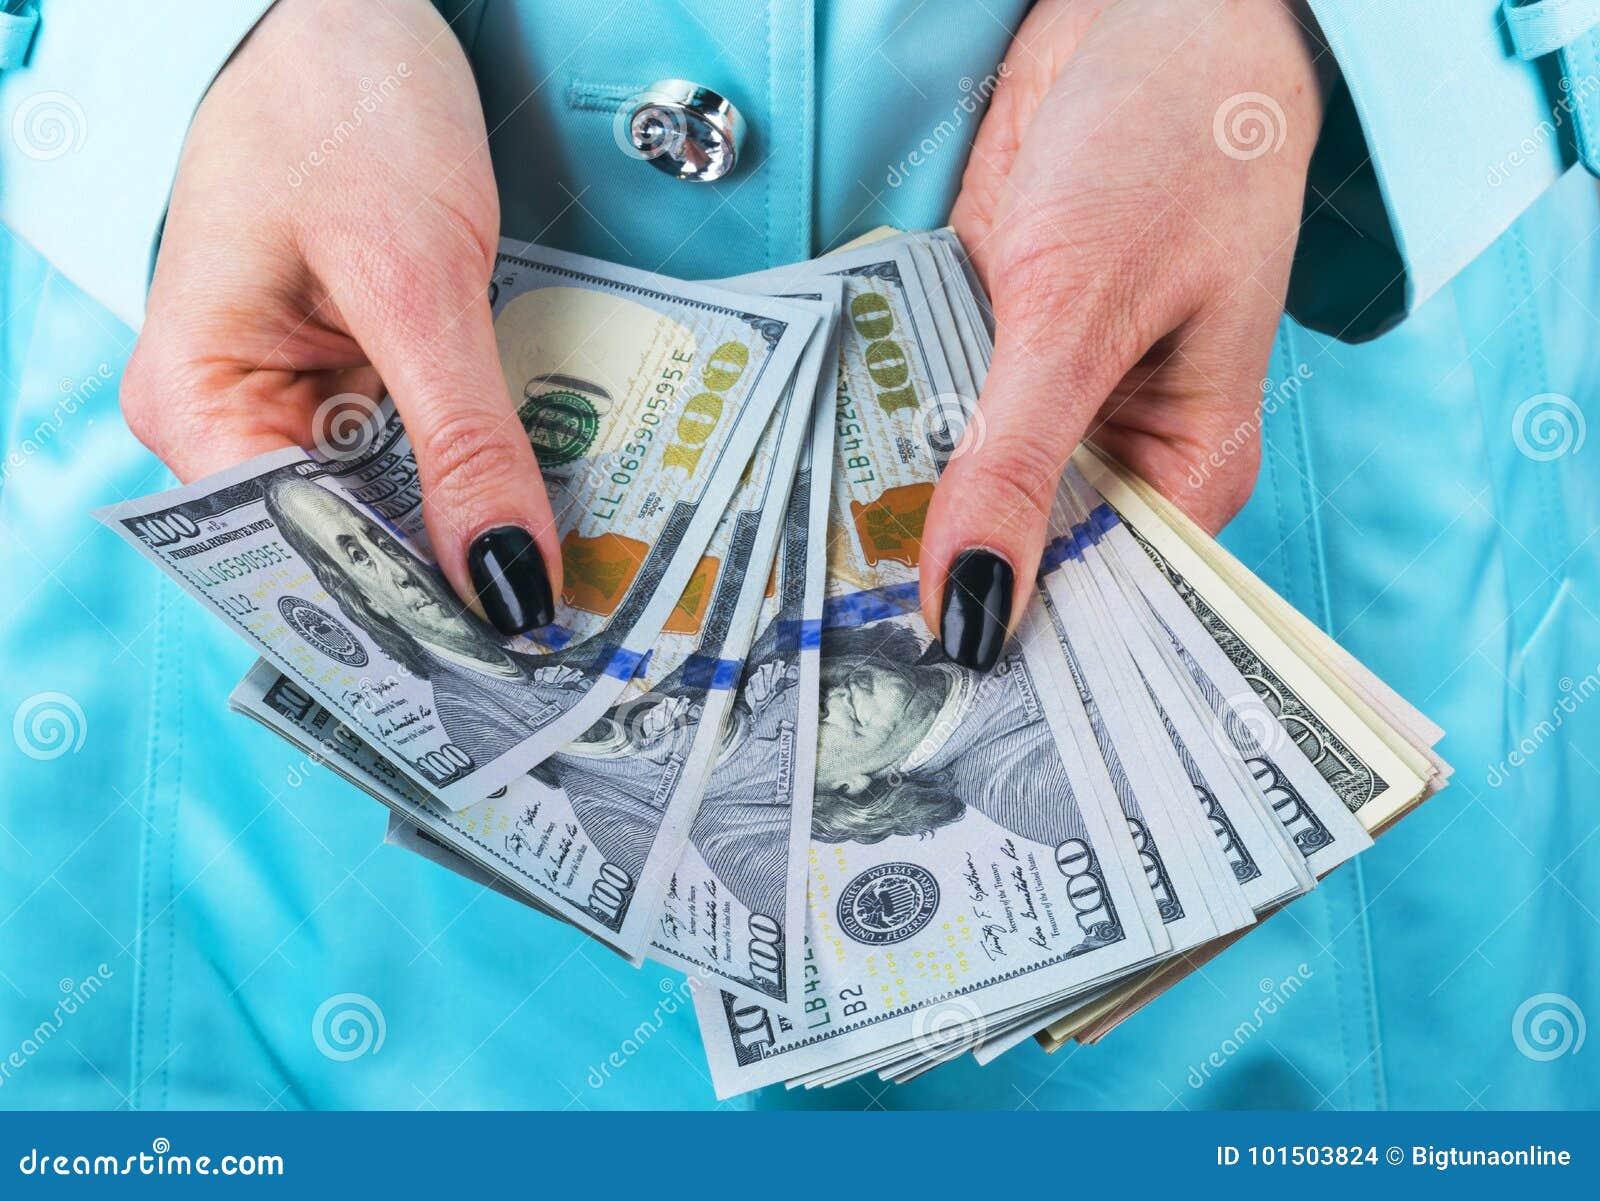 Тинькофф ru оплата кредита по номеру договора